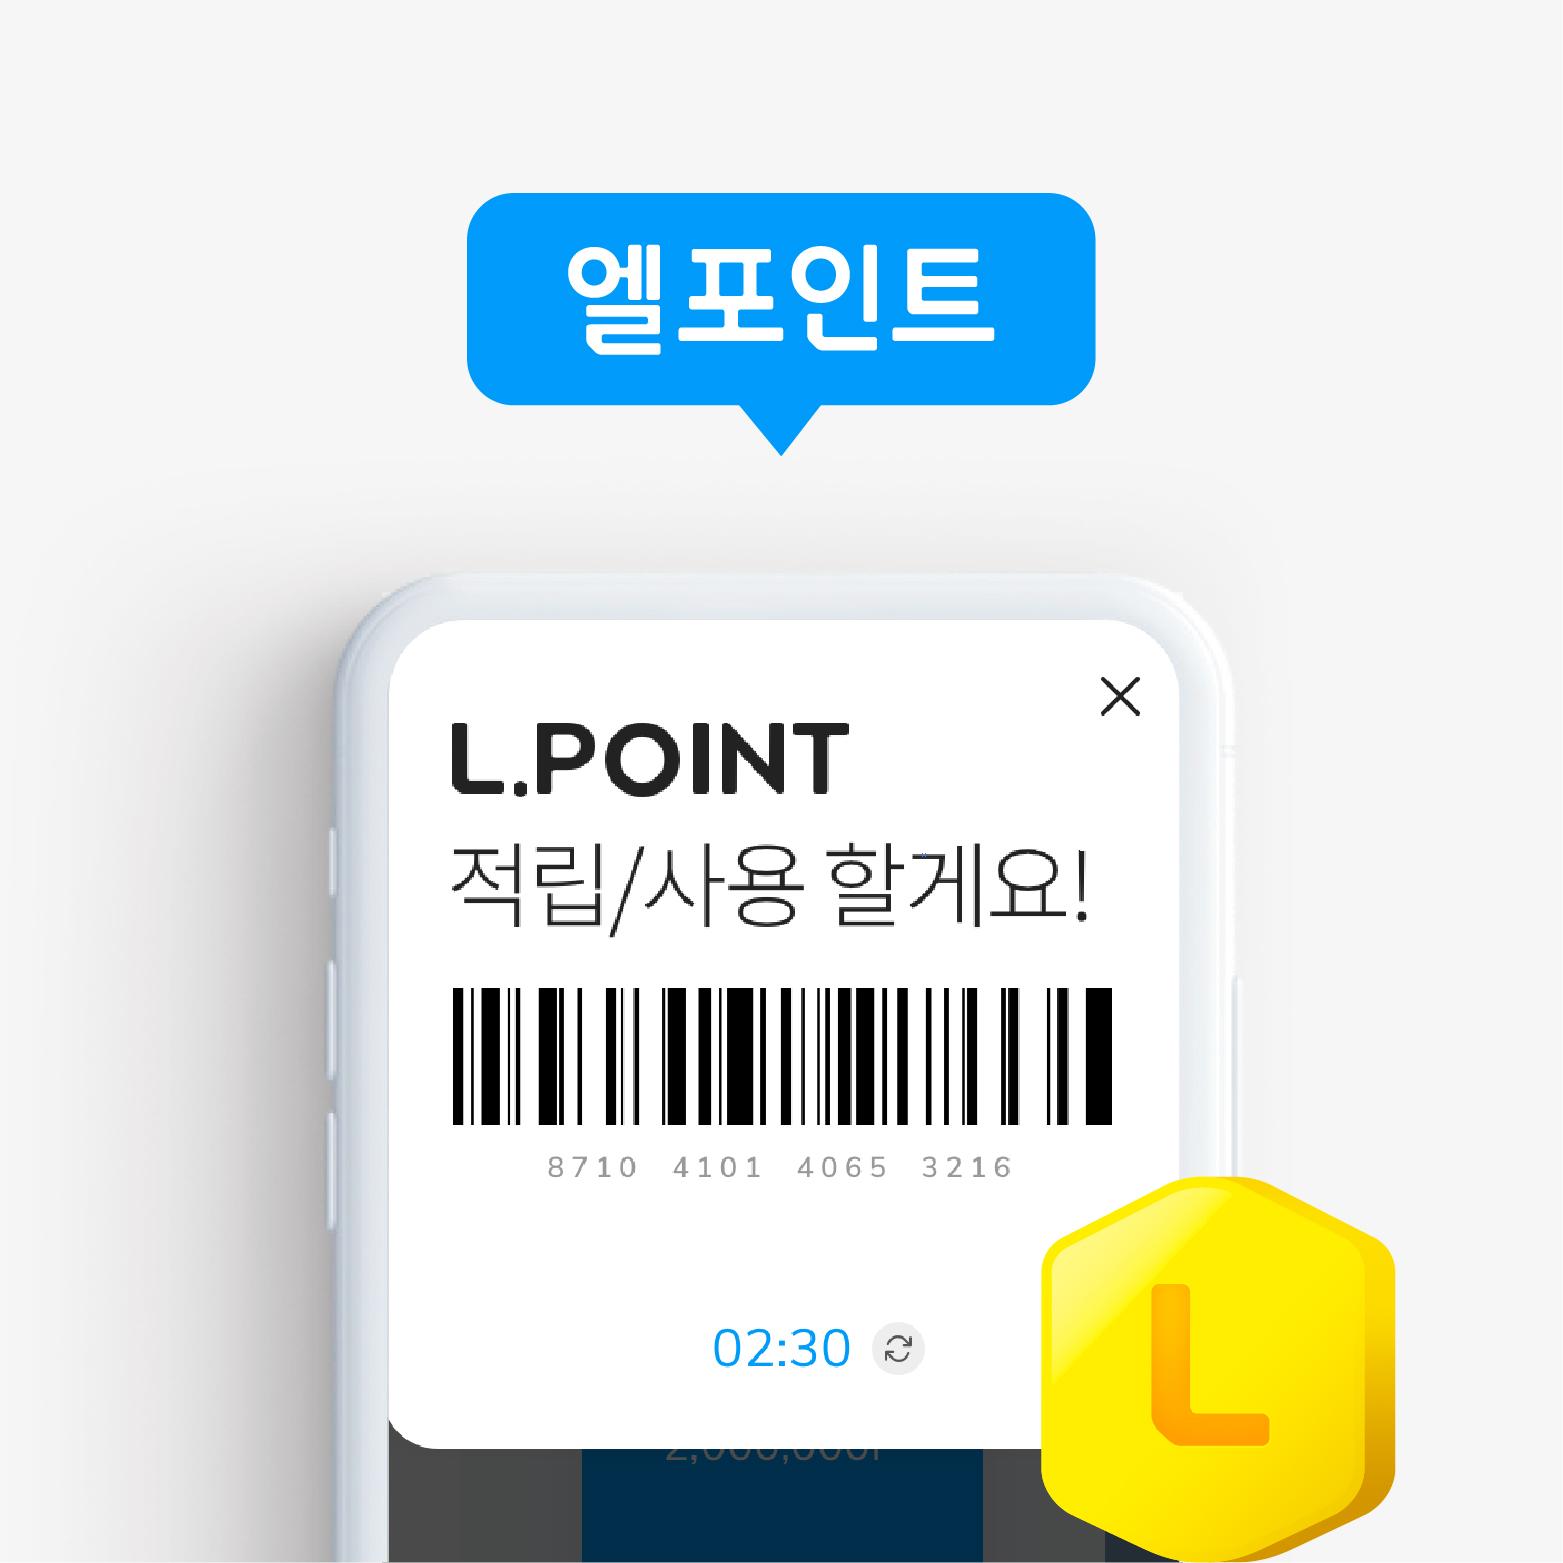 Flex카드로 결제시 L.POINT 10만P 증정